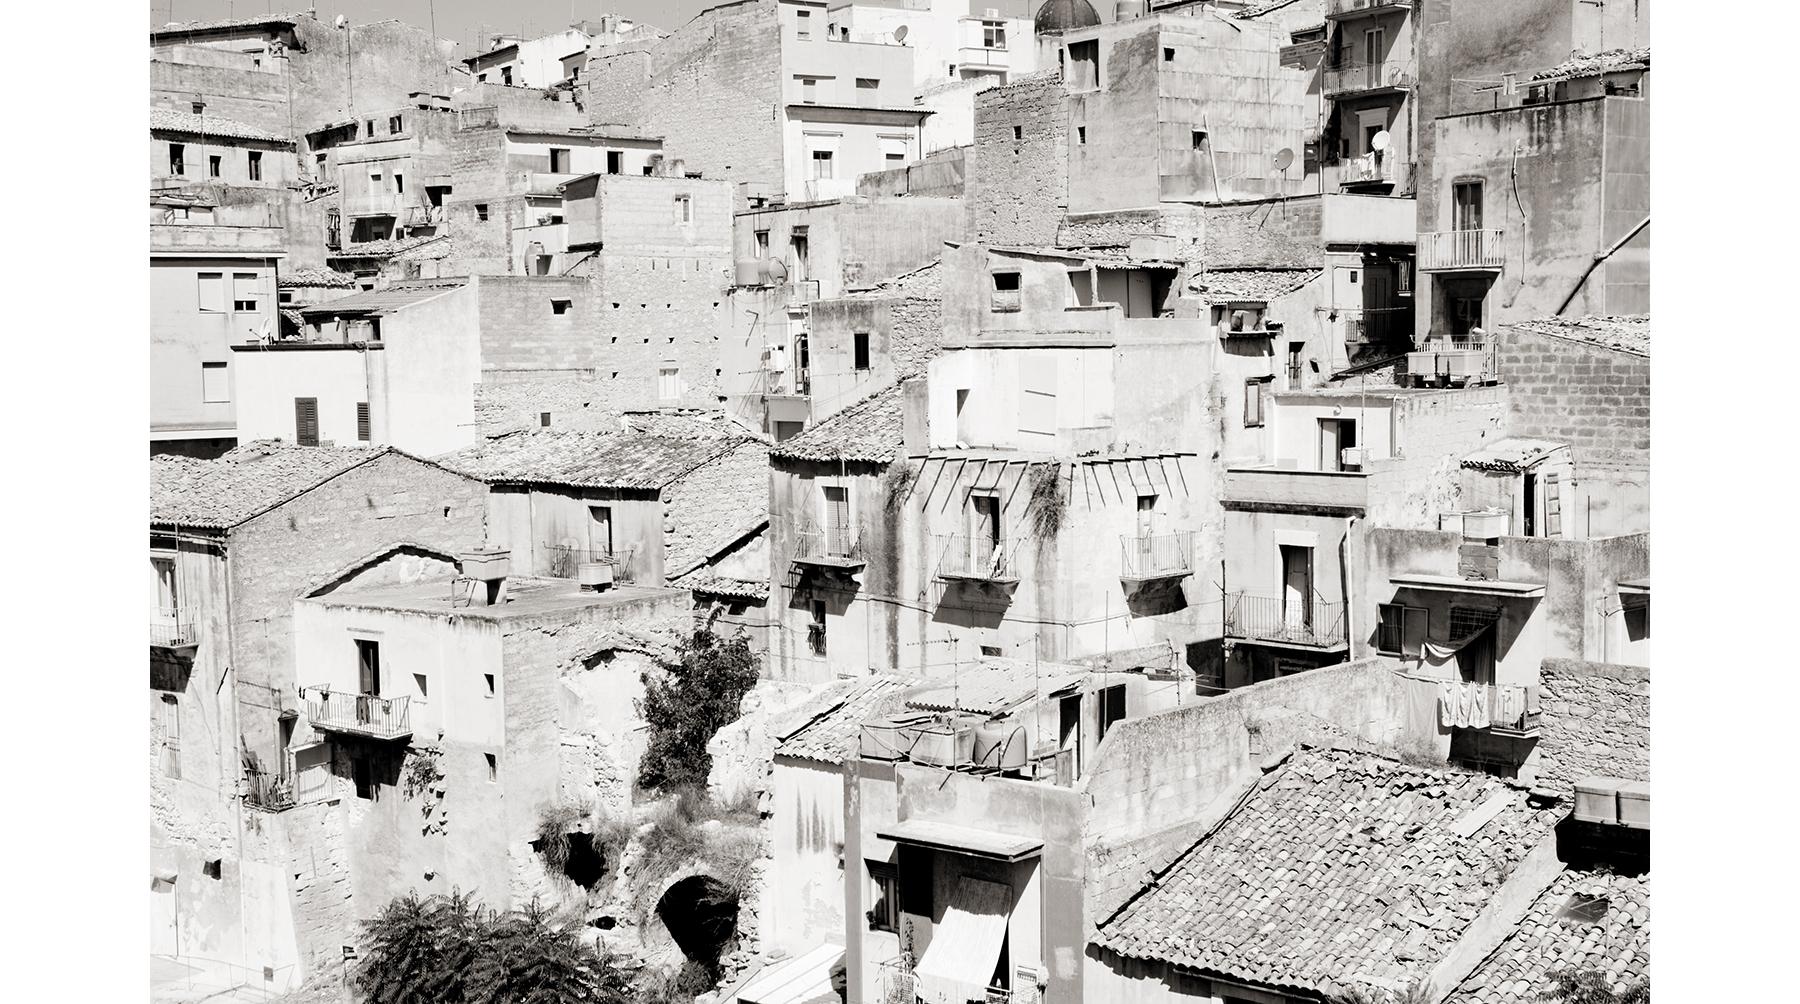 36_Sicily #35Digital (2612)